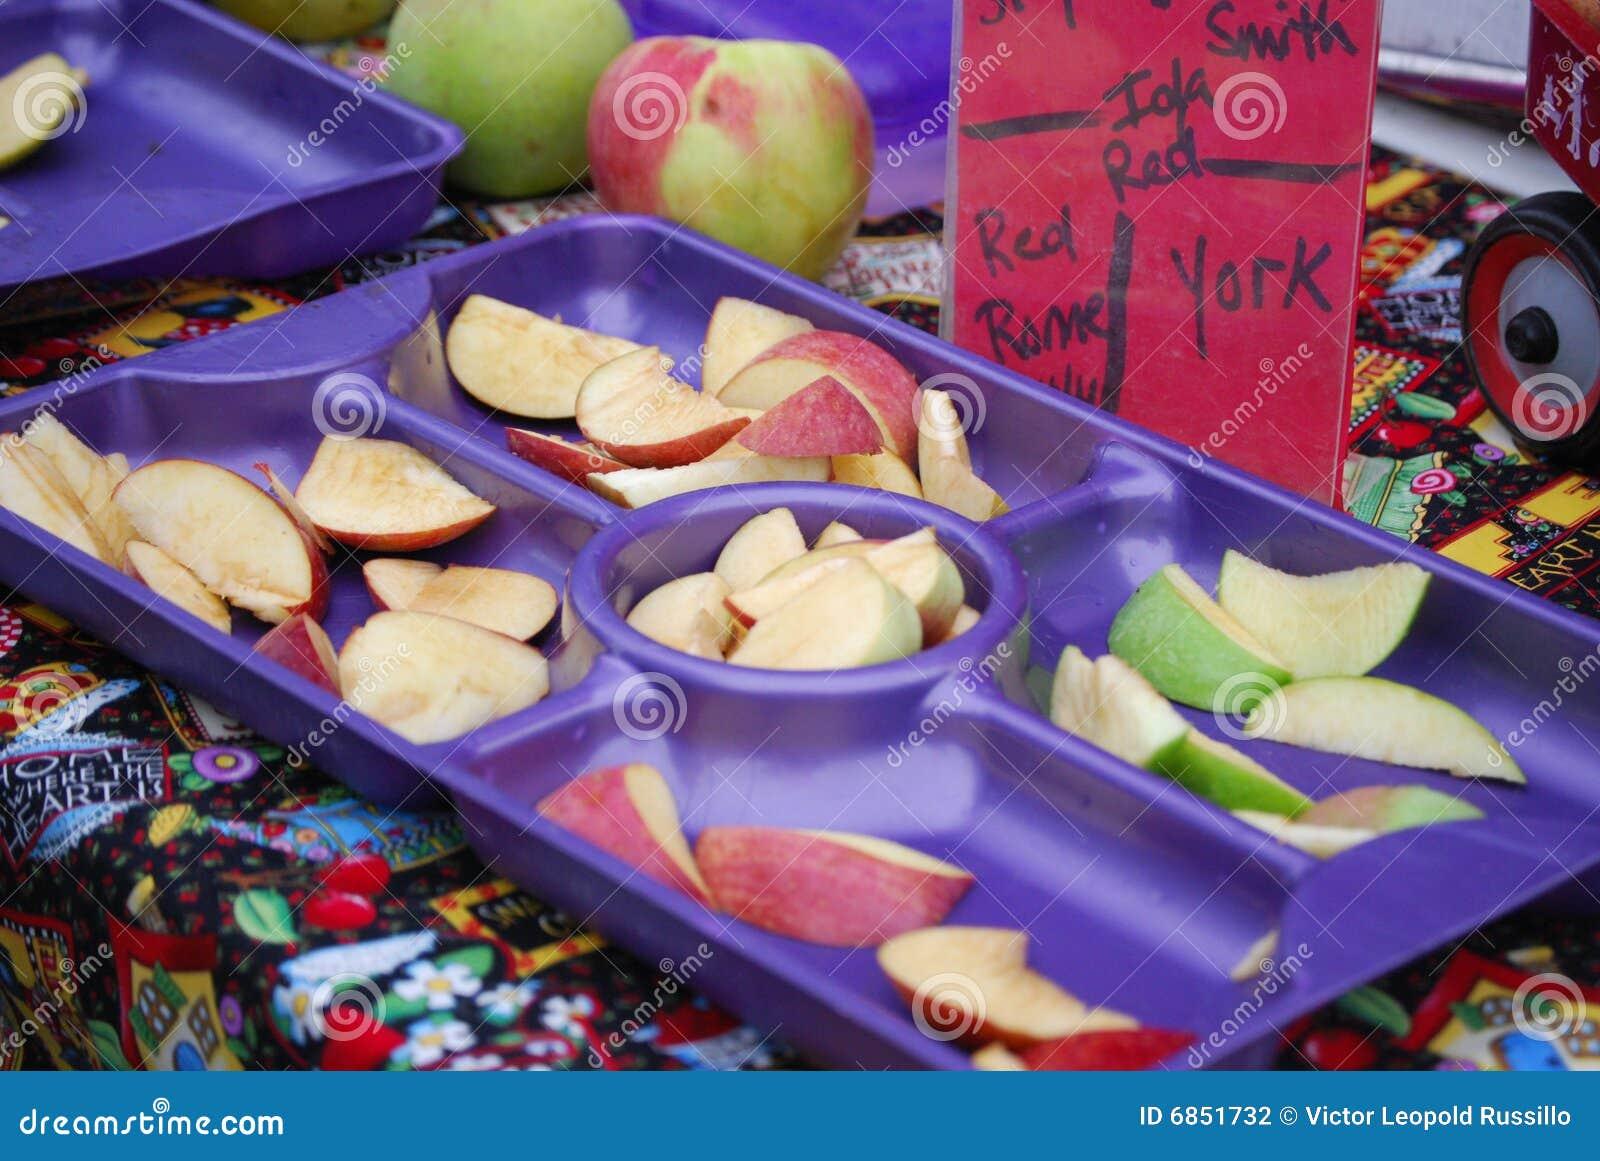 образцы рынка яблока